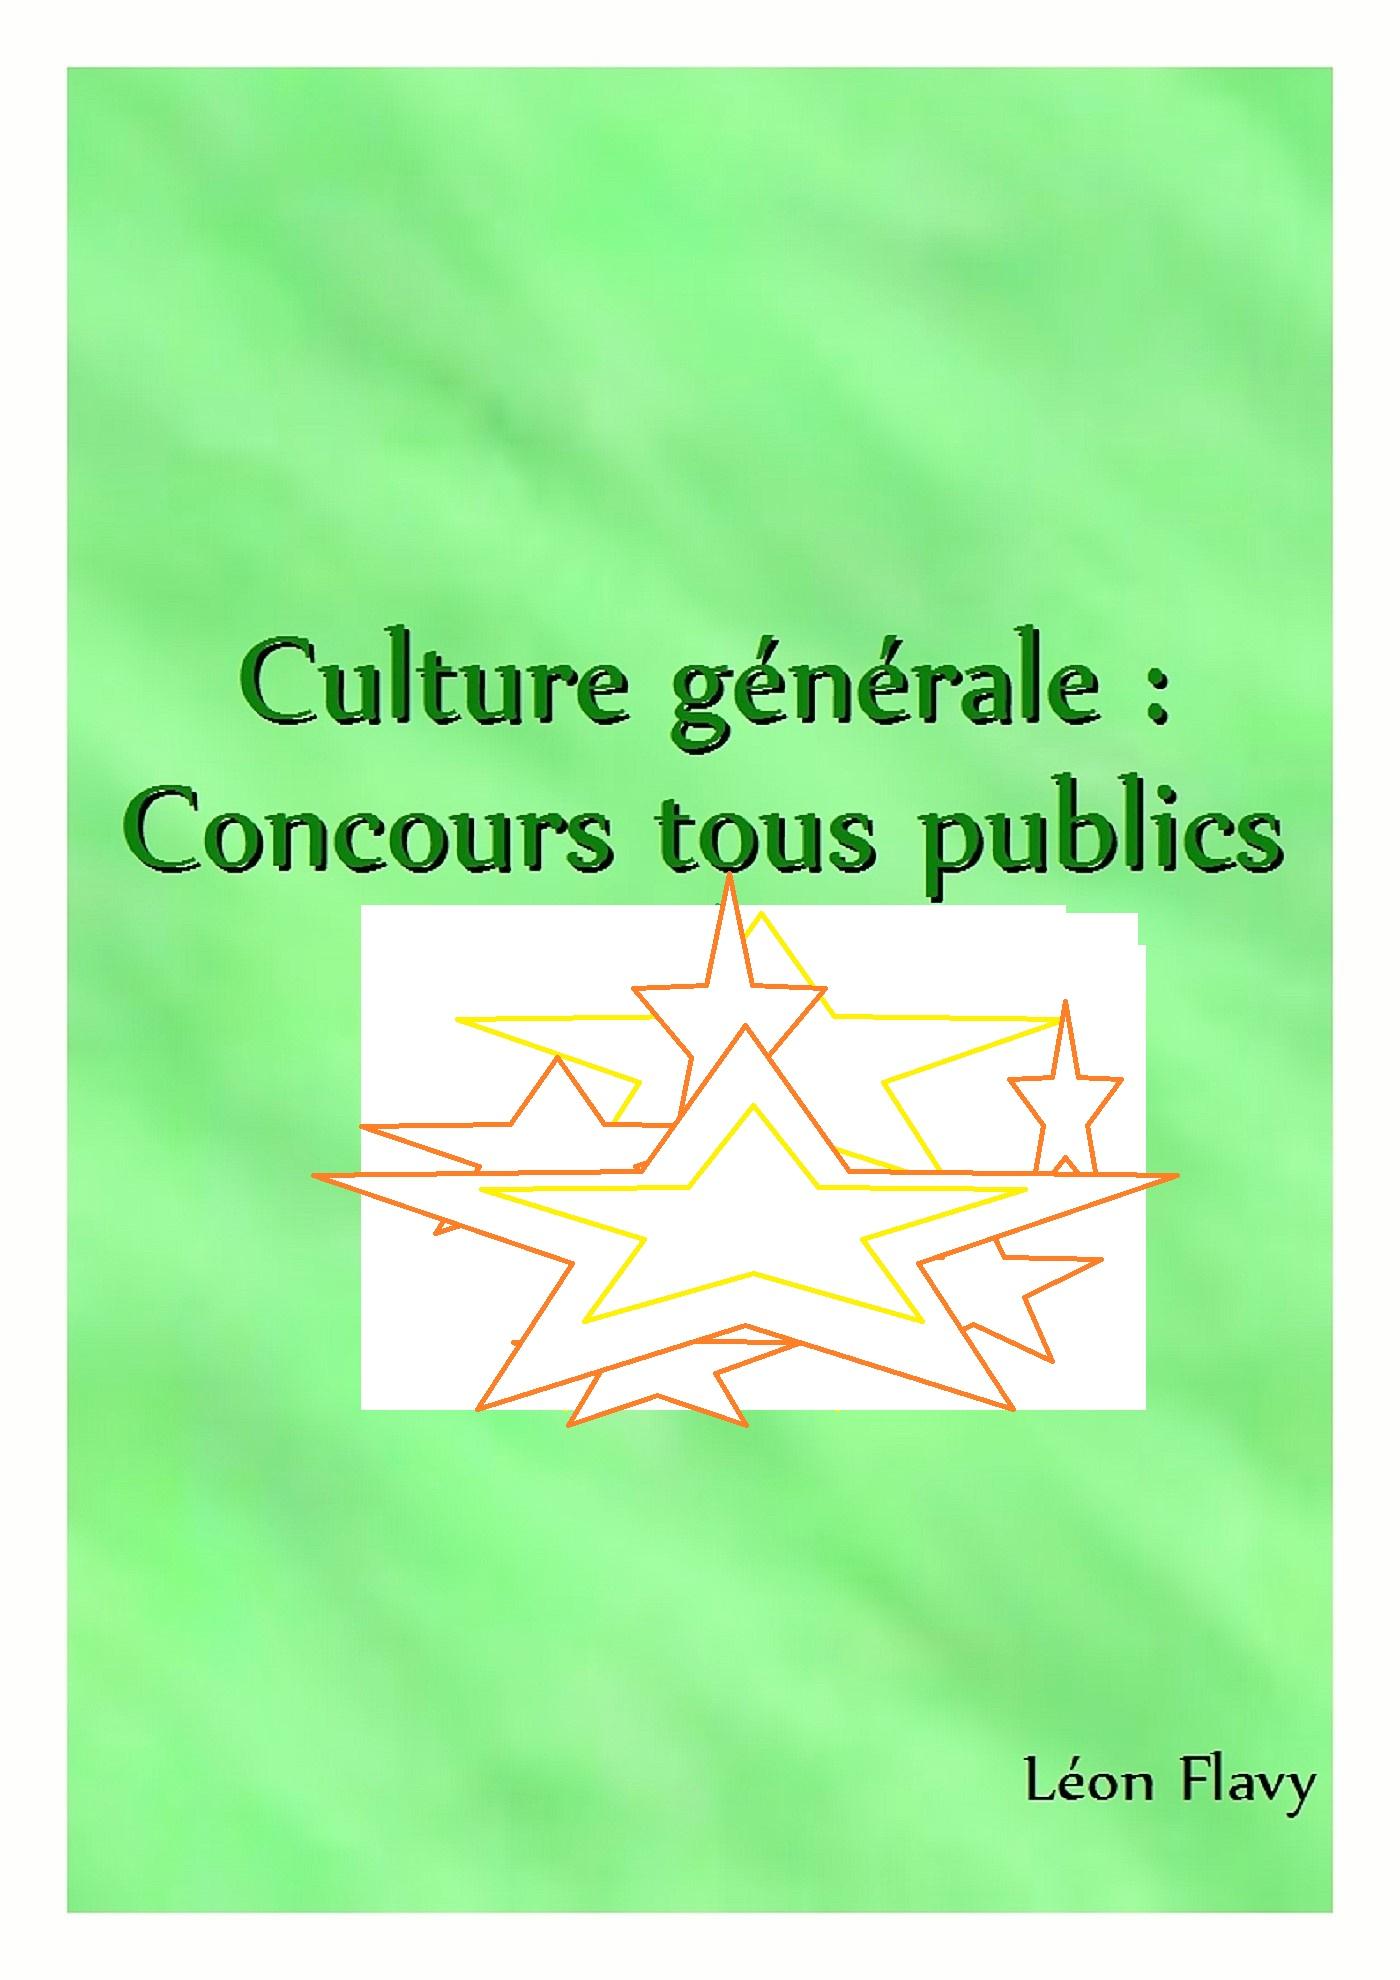 La clé de la culture générale *****